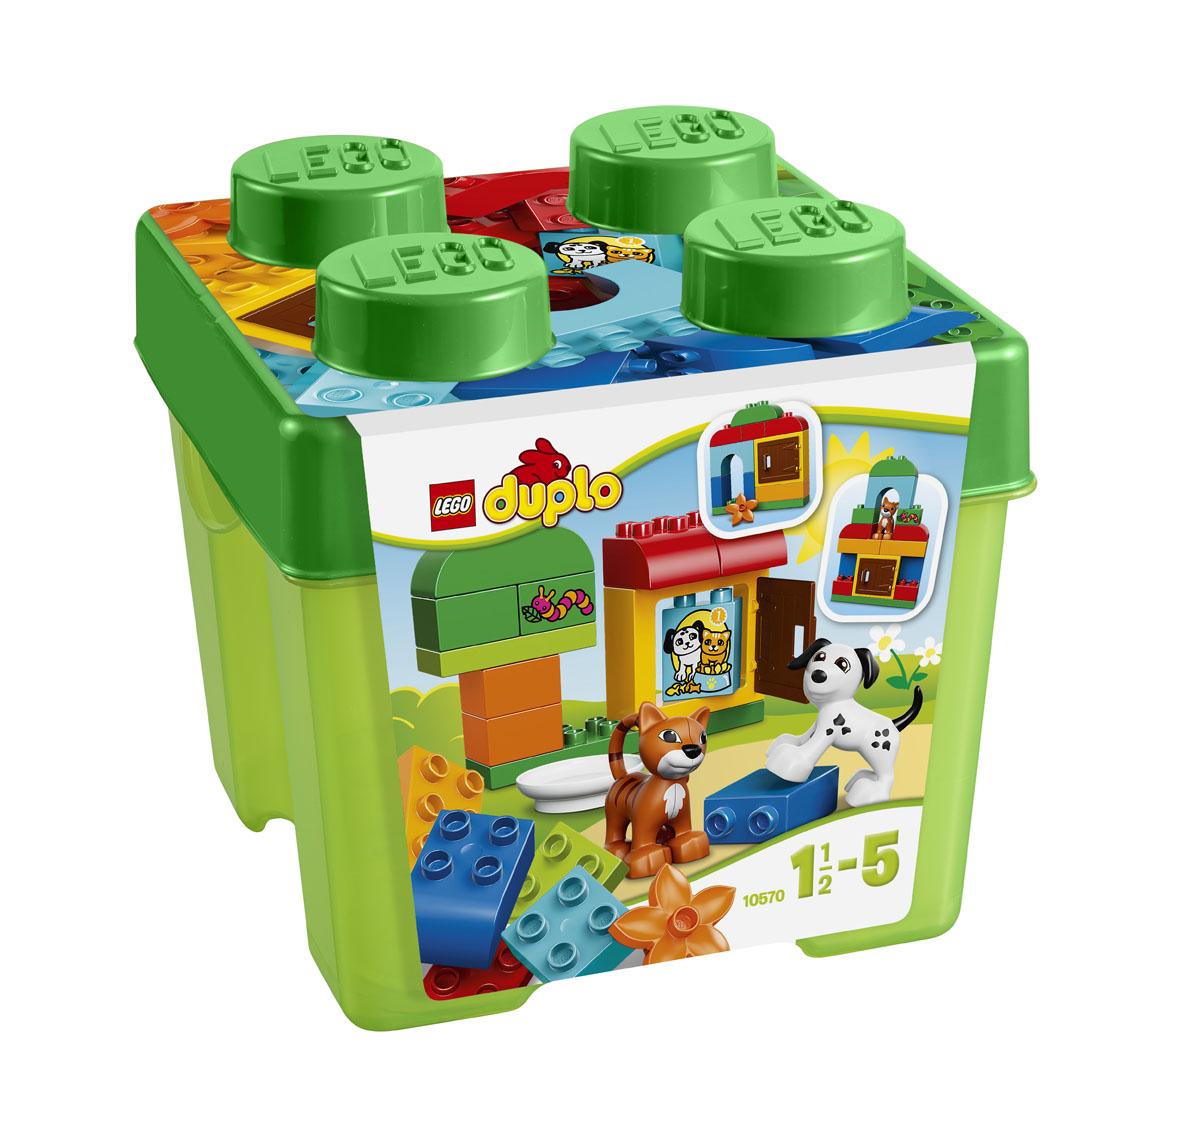 LEGO DUPLO Конструктор Лучшие друзья Кот и Пес 1057010570Подарочный набор LEGO DUPLO Лучшие друзья. Кот и Пес серии LEGO DUPLO доставит массу удовольствия вам и вашему ребёнку, ведь в нем так много замечательных весёлых кубиков LEGO DUPLO, которые интересно собирать и перестраивать. Набор продается в ярком контейнере в форме классического кубика LEGO. Построй дерево, дом и даже небольшие домики для кота и собачки, в которых можно играть. Набор включает в себя 30 разноцветных пластиковых элементов. Конструктор - это один из самых увлекательнейших и веселых способов времяпрепровождения. Ребенок сможет часами играть с конструктором, придумывая различные ситуации и истории. В процессе игры с конструкторами LEGO дети приобретают и постигают такие необходимые навыки как познание, творчество, воображение. Обычные наблюдения за детьми показывают, что единственное, чему они с удовольствием посвящают время - это игры. Игра - это состояние души, это веселый опыт познания реальности. Играя, дети создают собственные миры,...